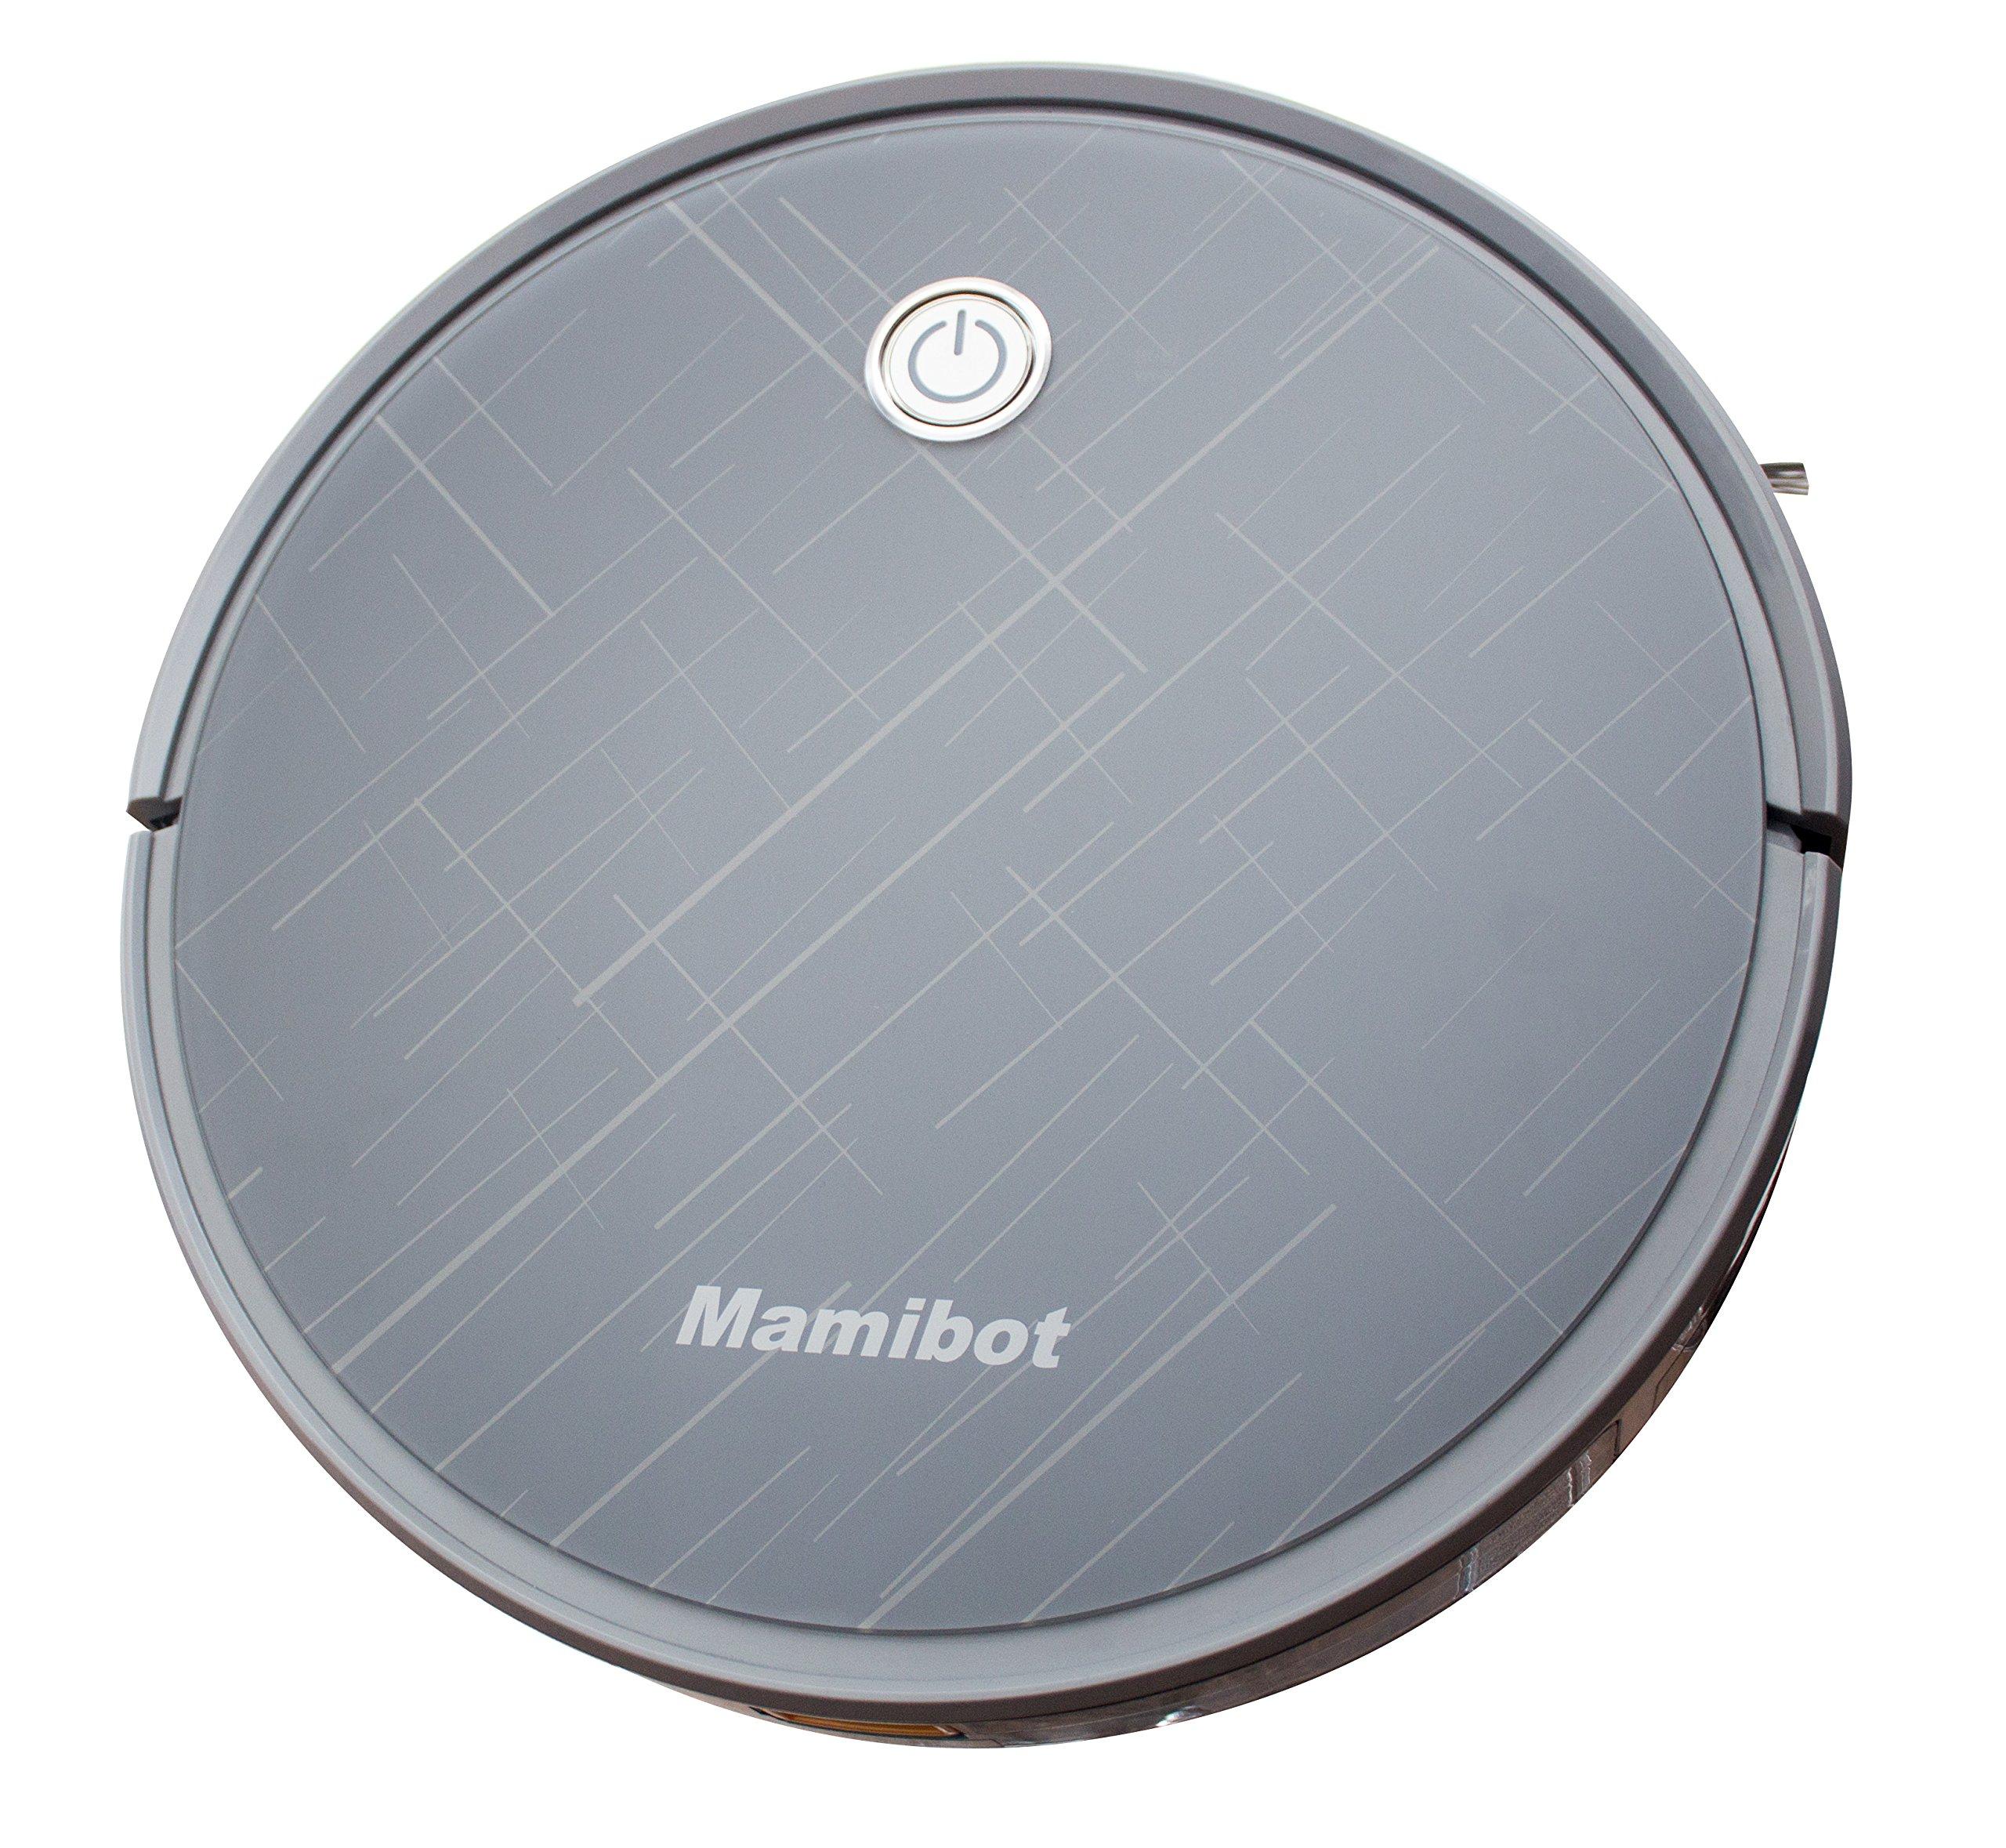 Robot aspirador, Mamibot EXVAC 660 friega y aspira sus suelos de una sola pasada. Control mediante Smartphone: Amazon.es: Hogar